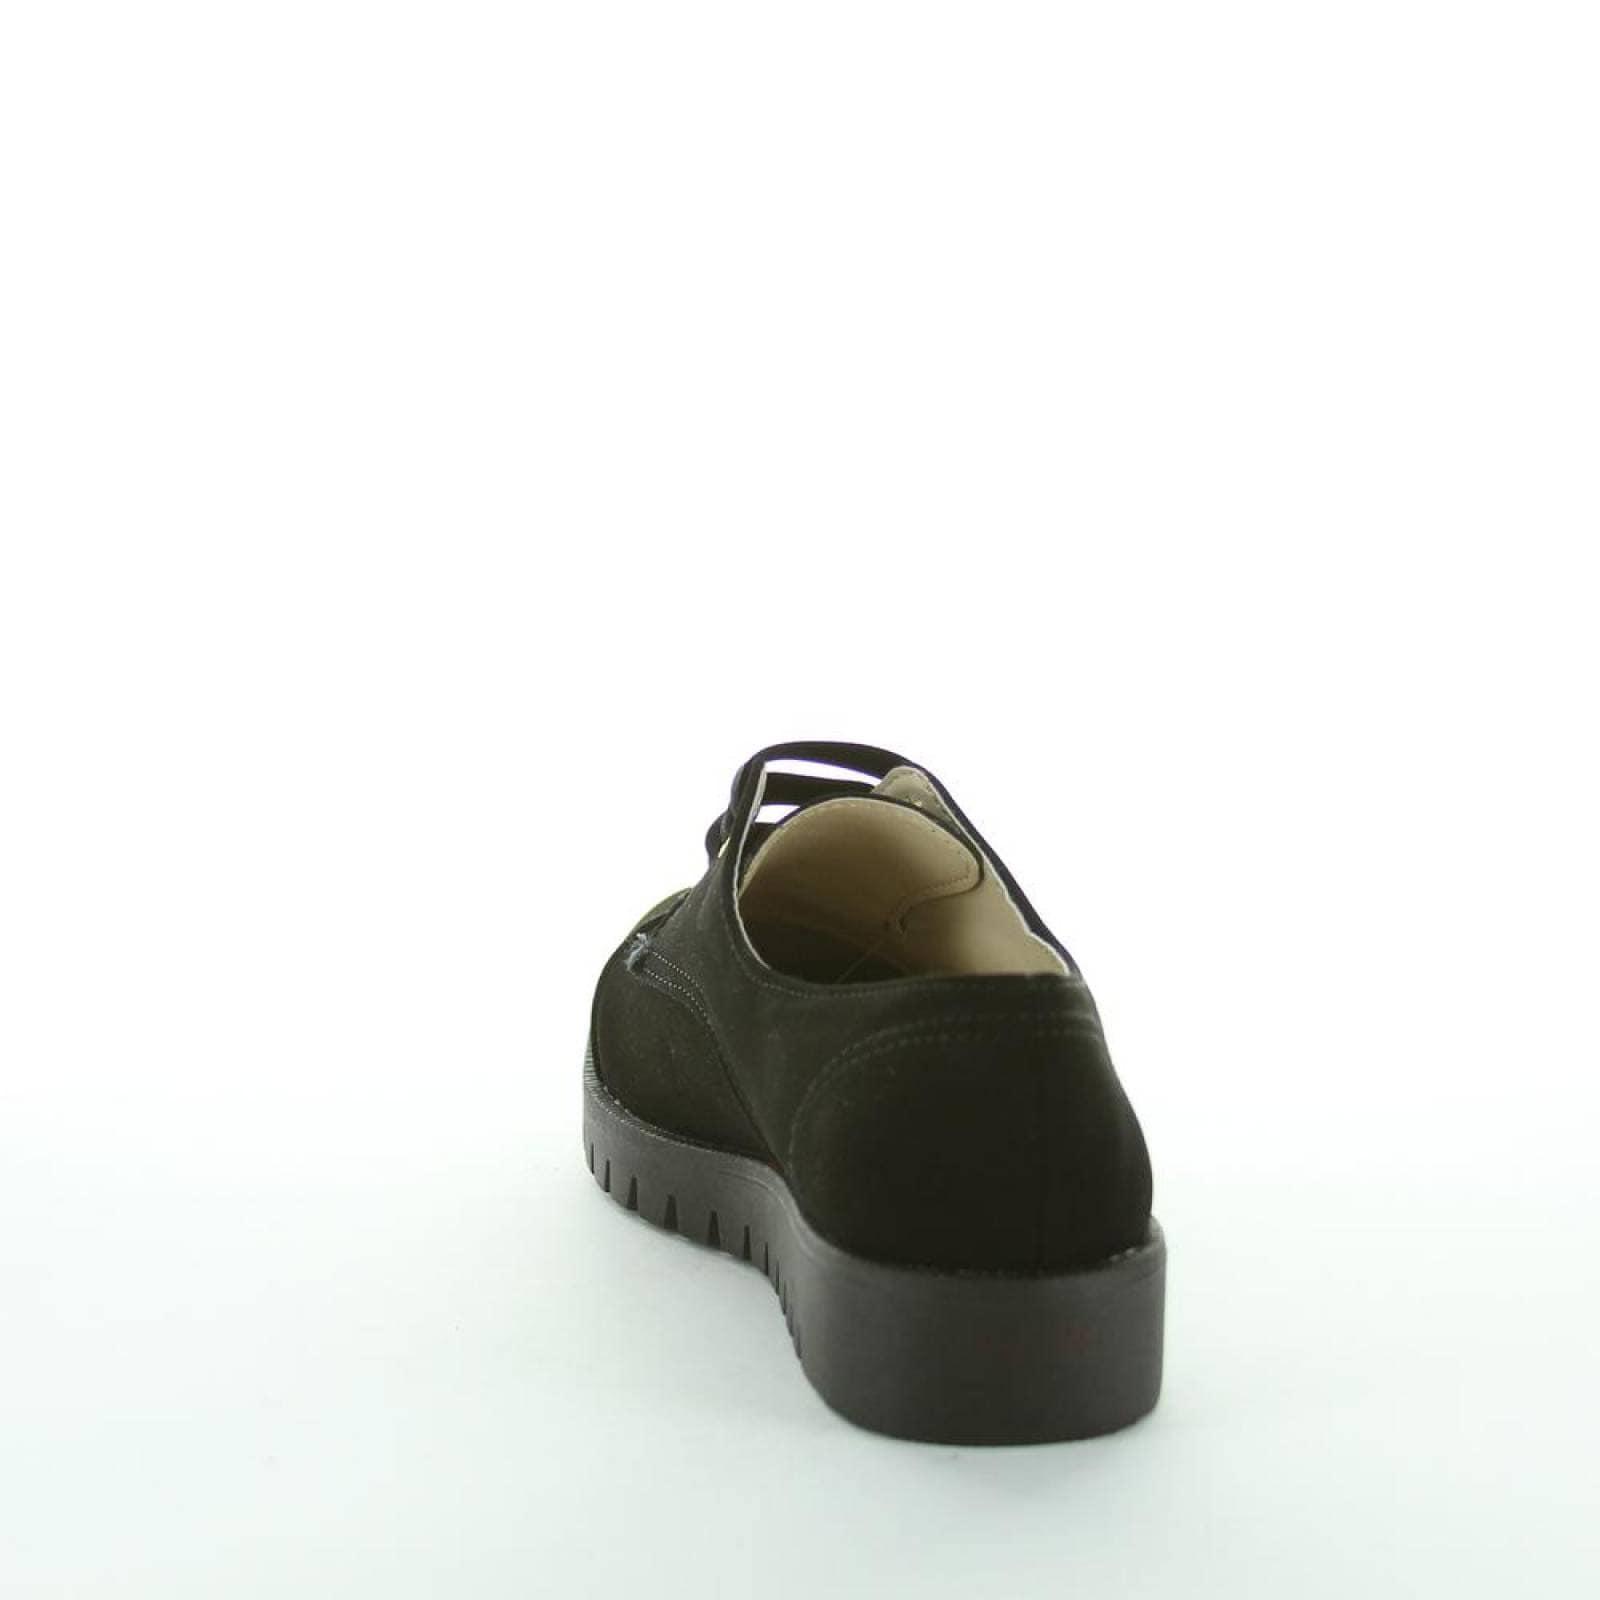 Zapato Casual Mujer Lory Negro 20203102 Tipo Nobuk